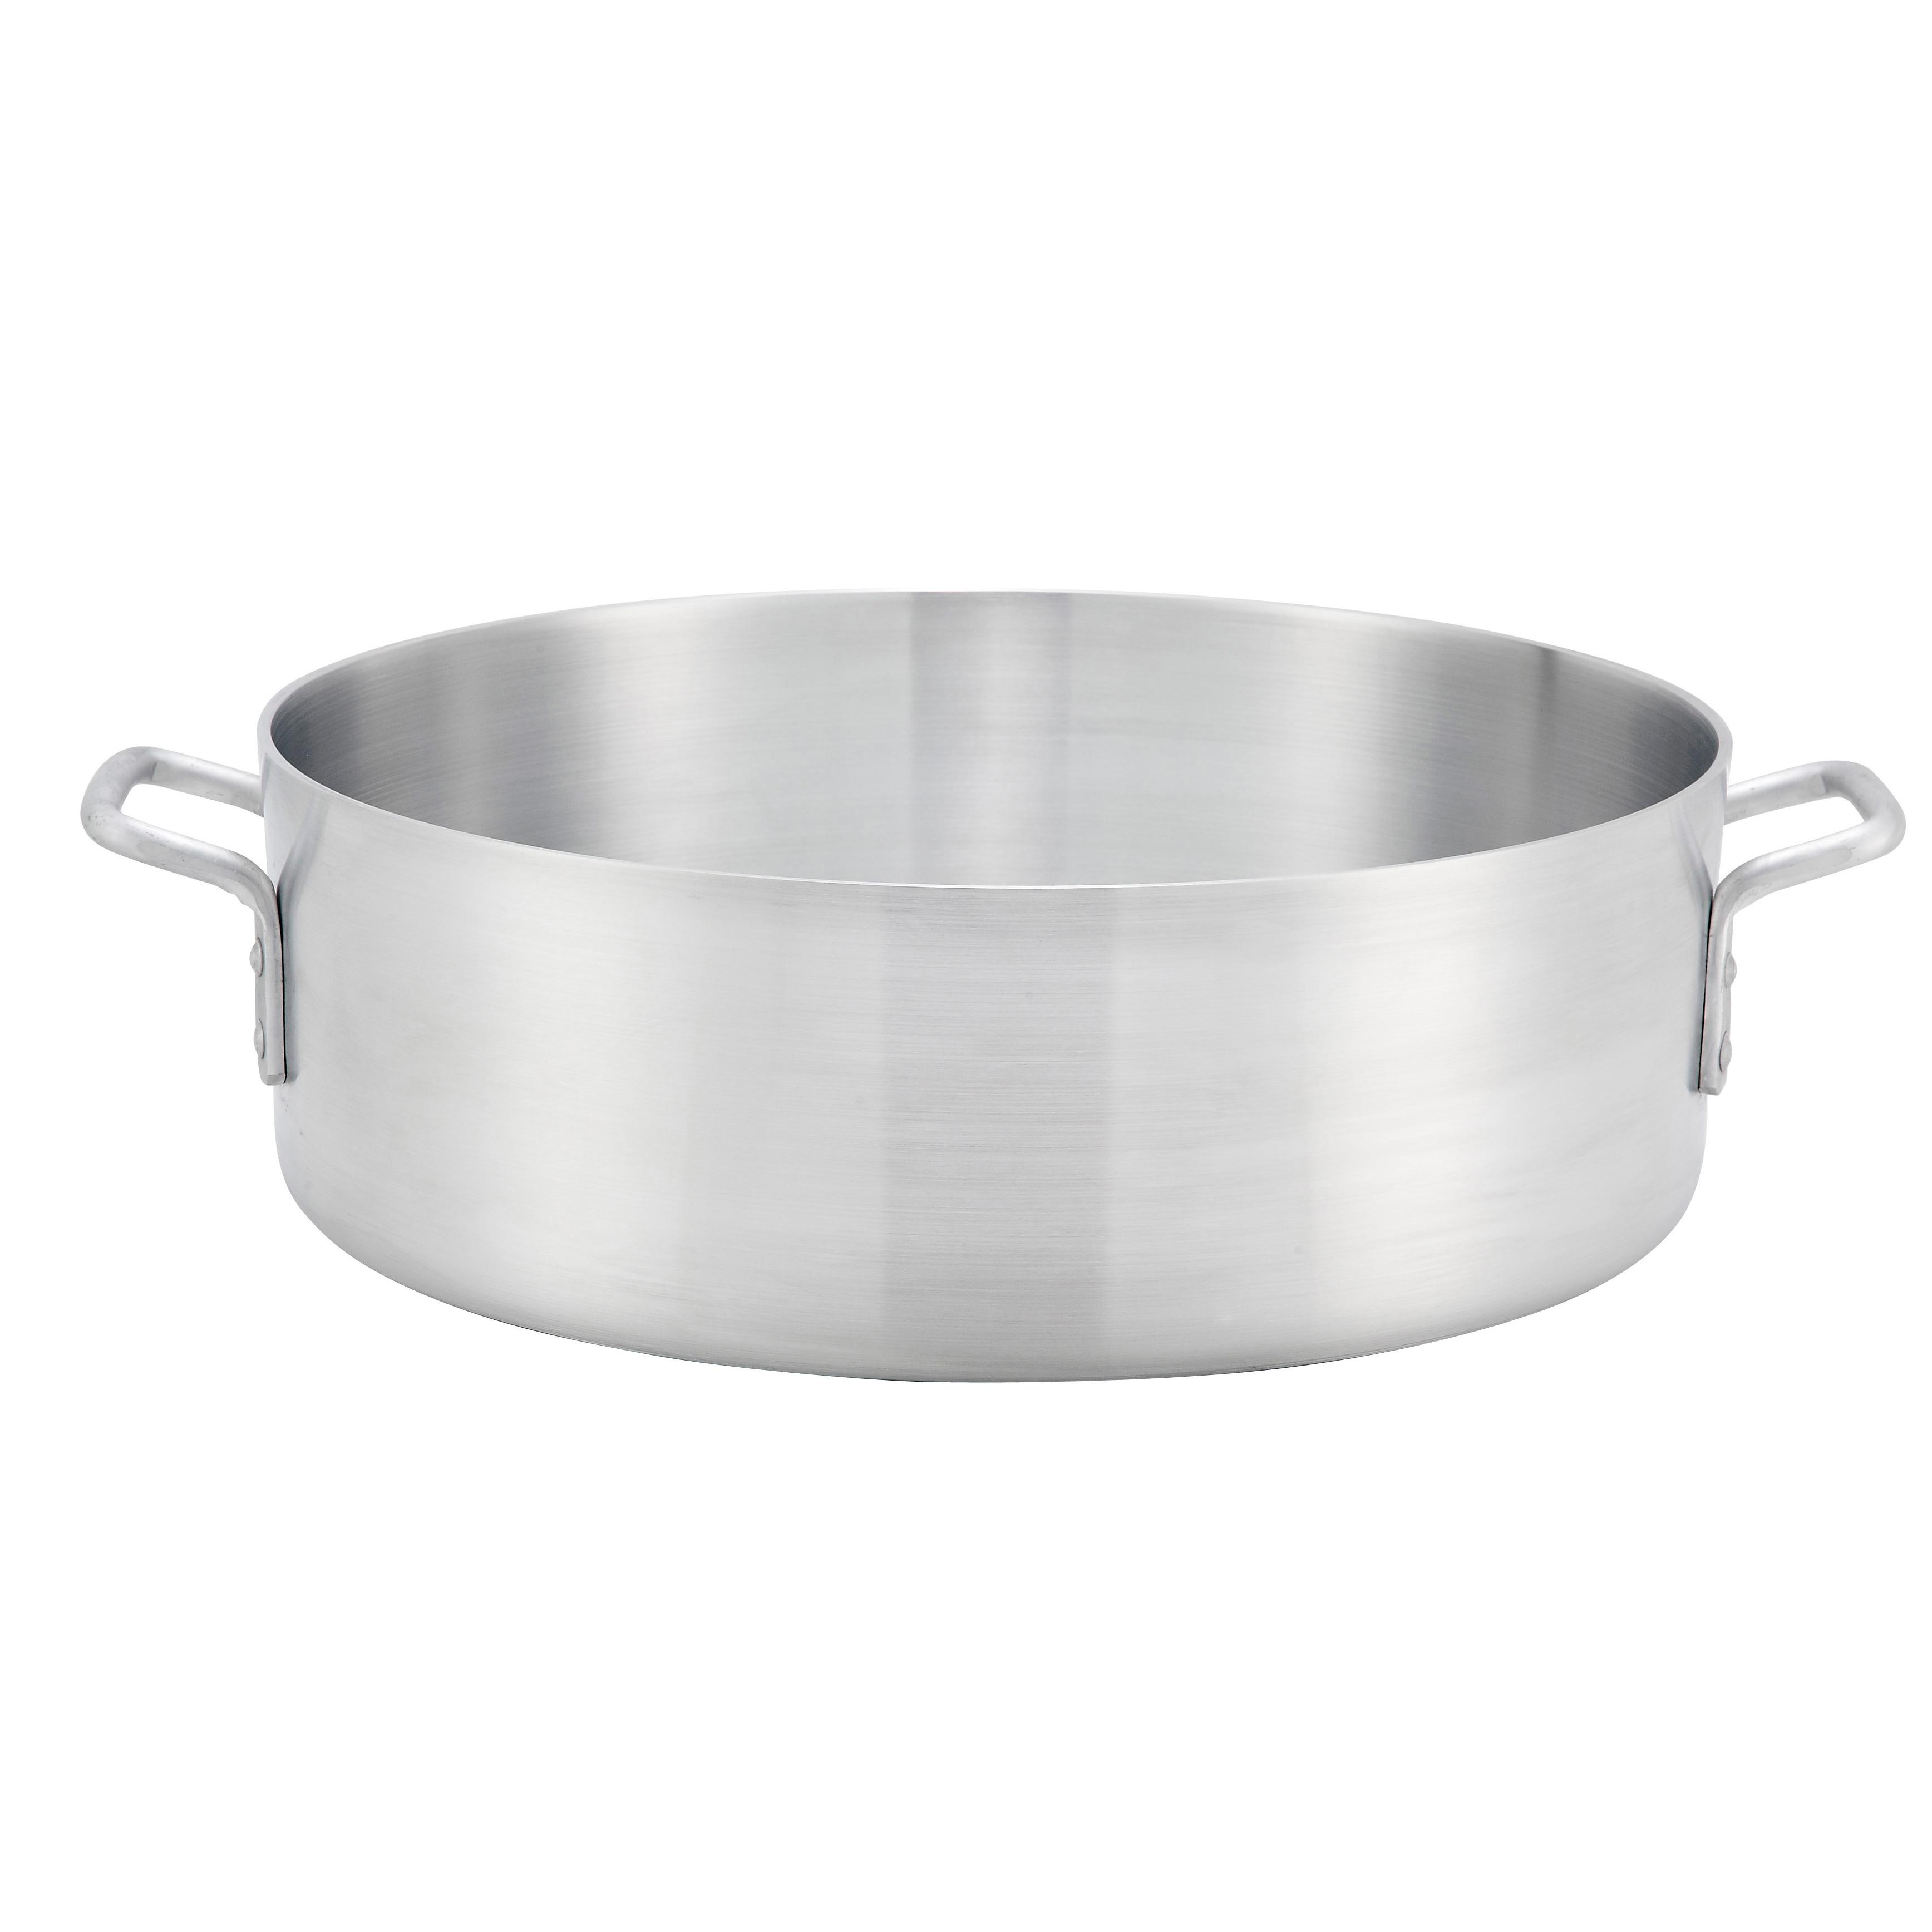 Winco ALB-35 brazier pan